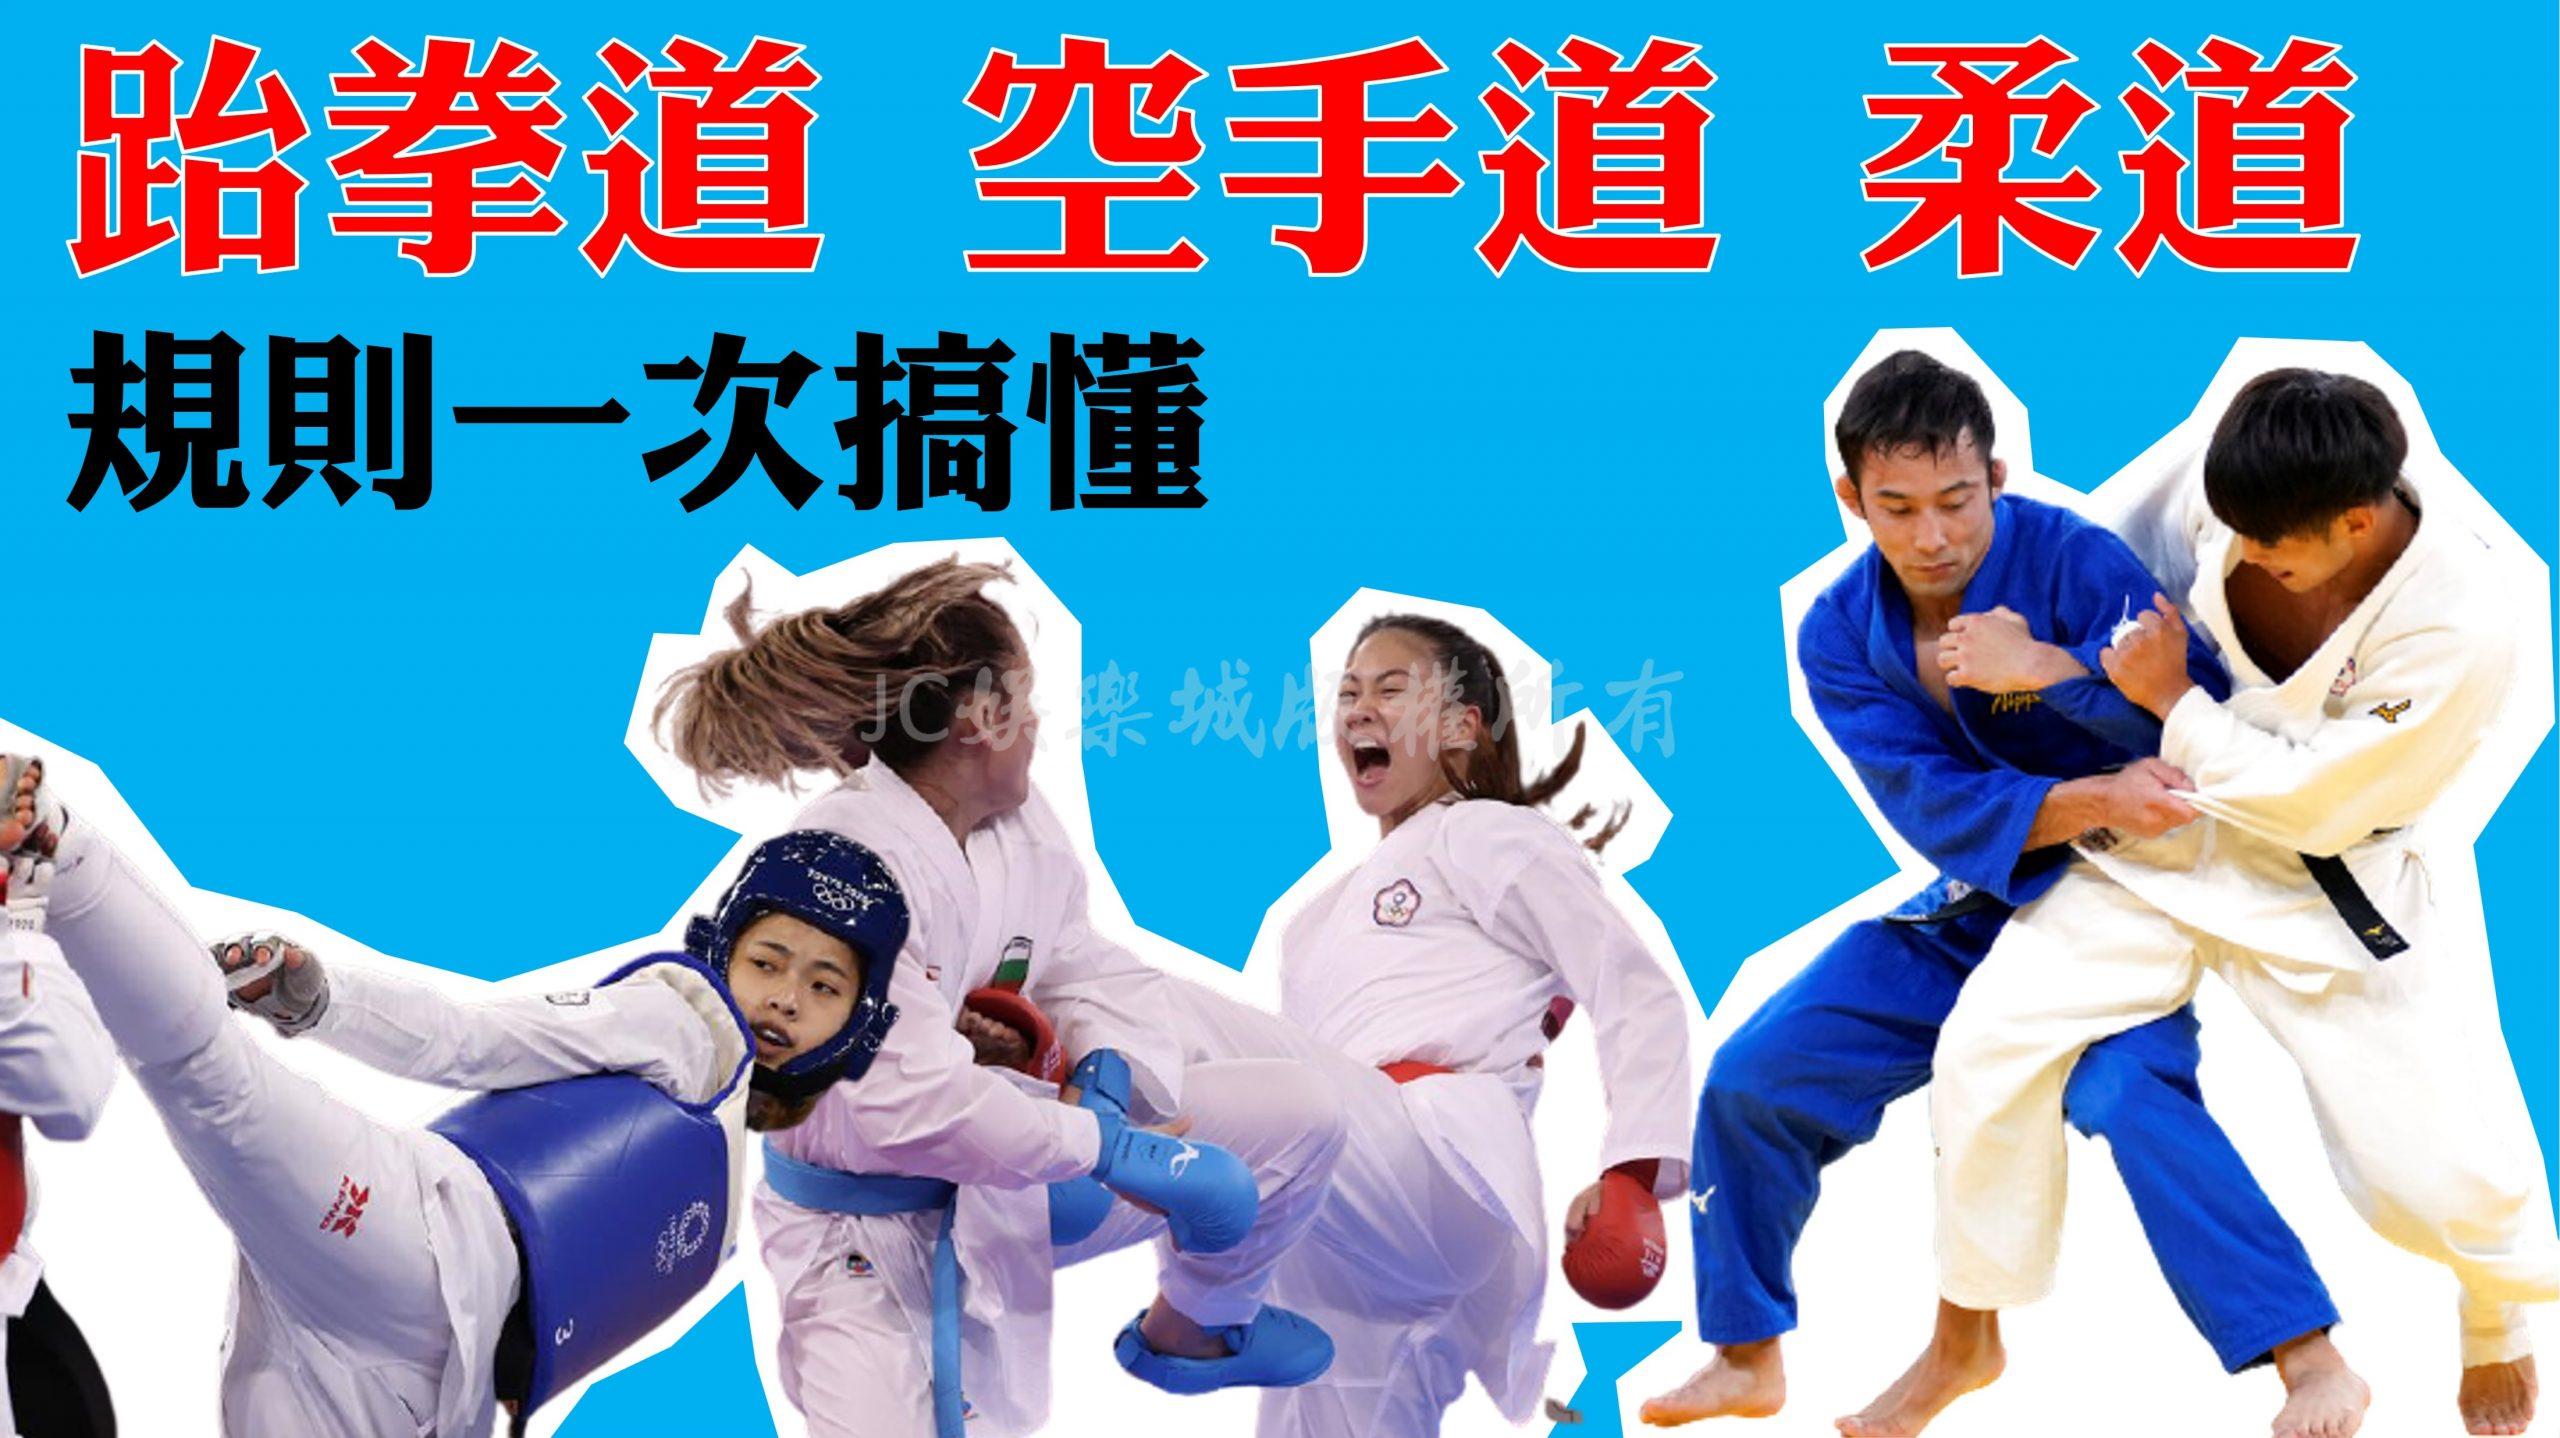 奧運最夯項目!【柔道空手道跆拳道怎麼分辨?】讓你不再傻傻分不清楚!